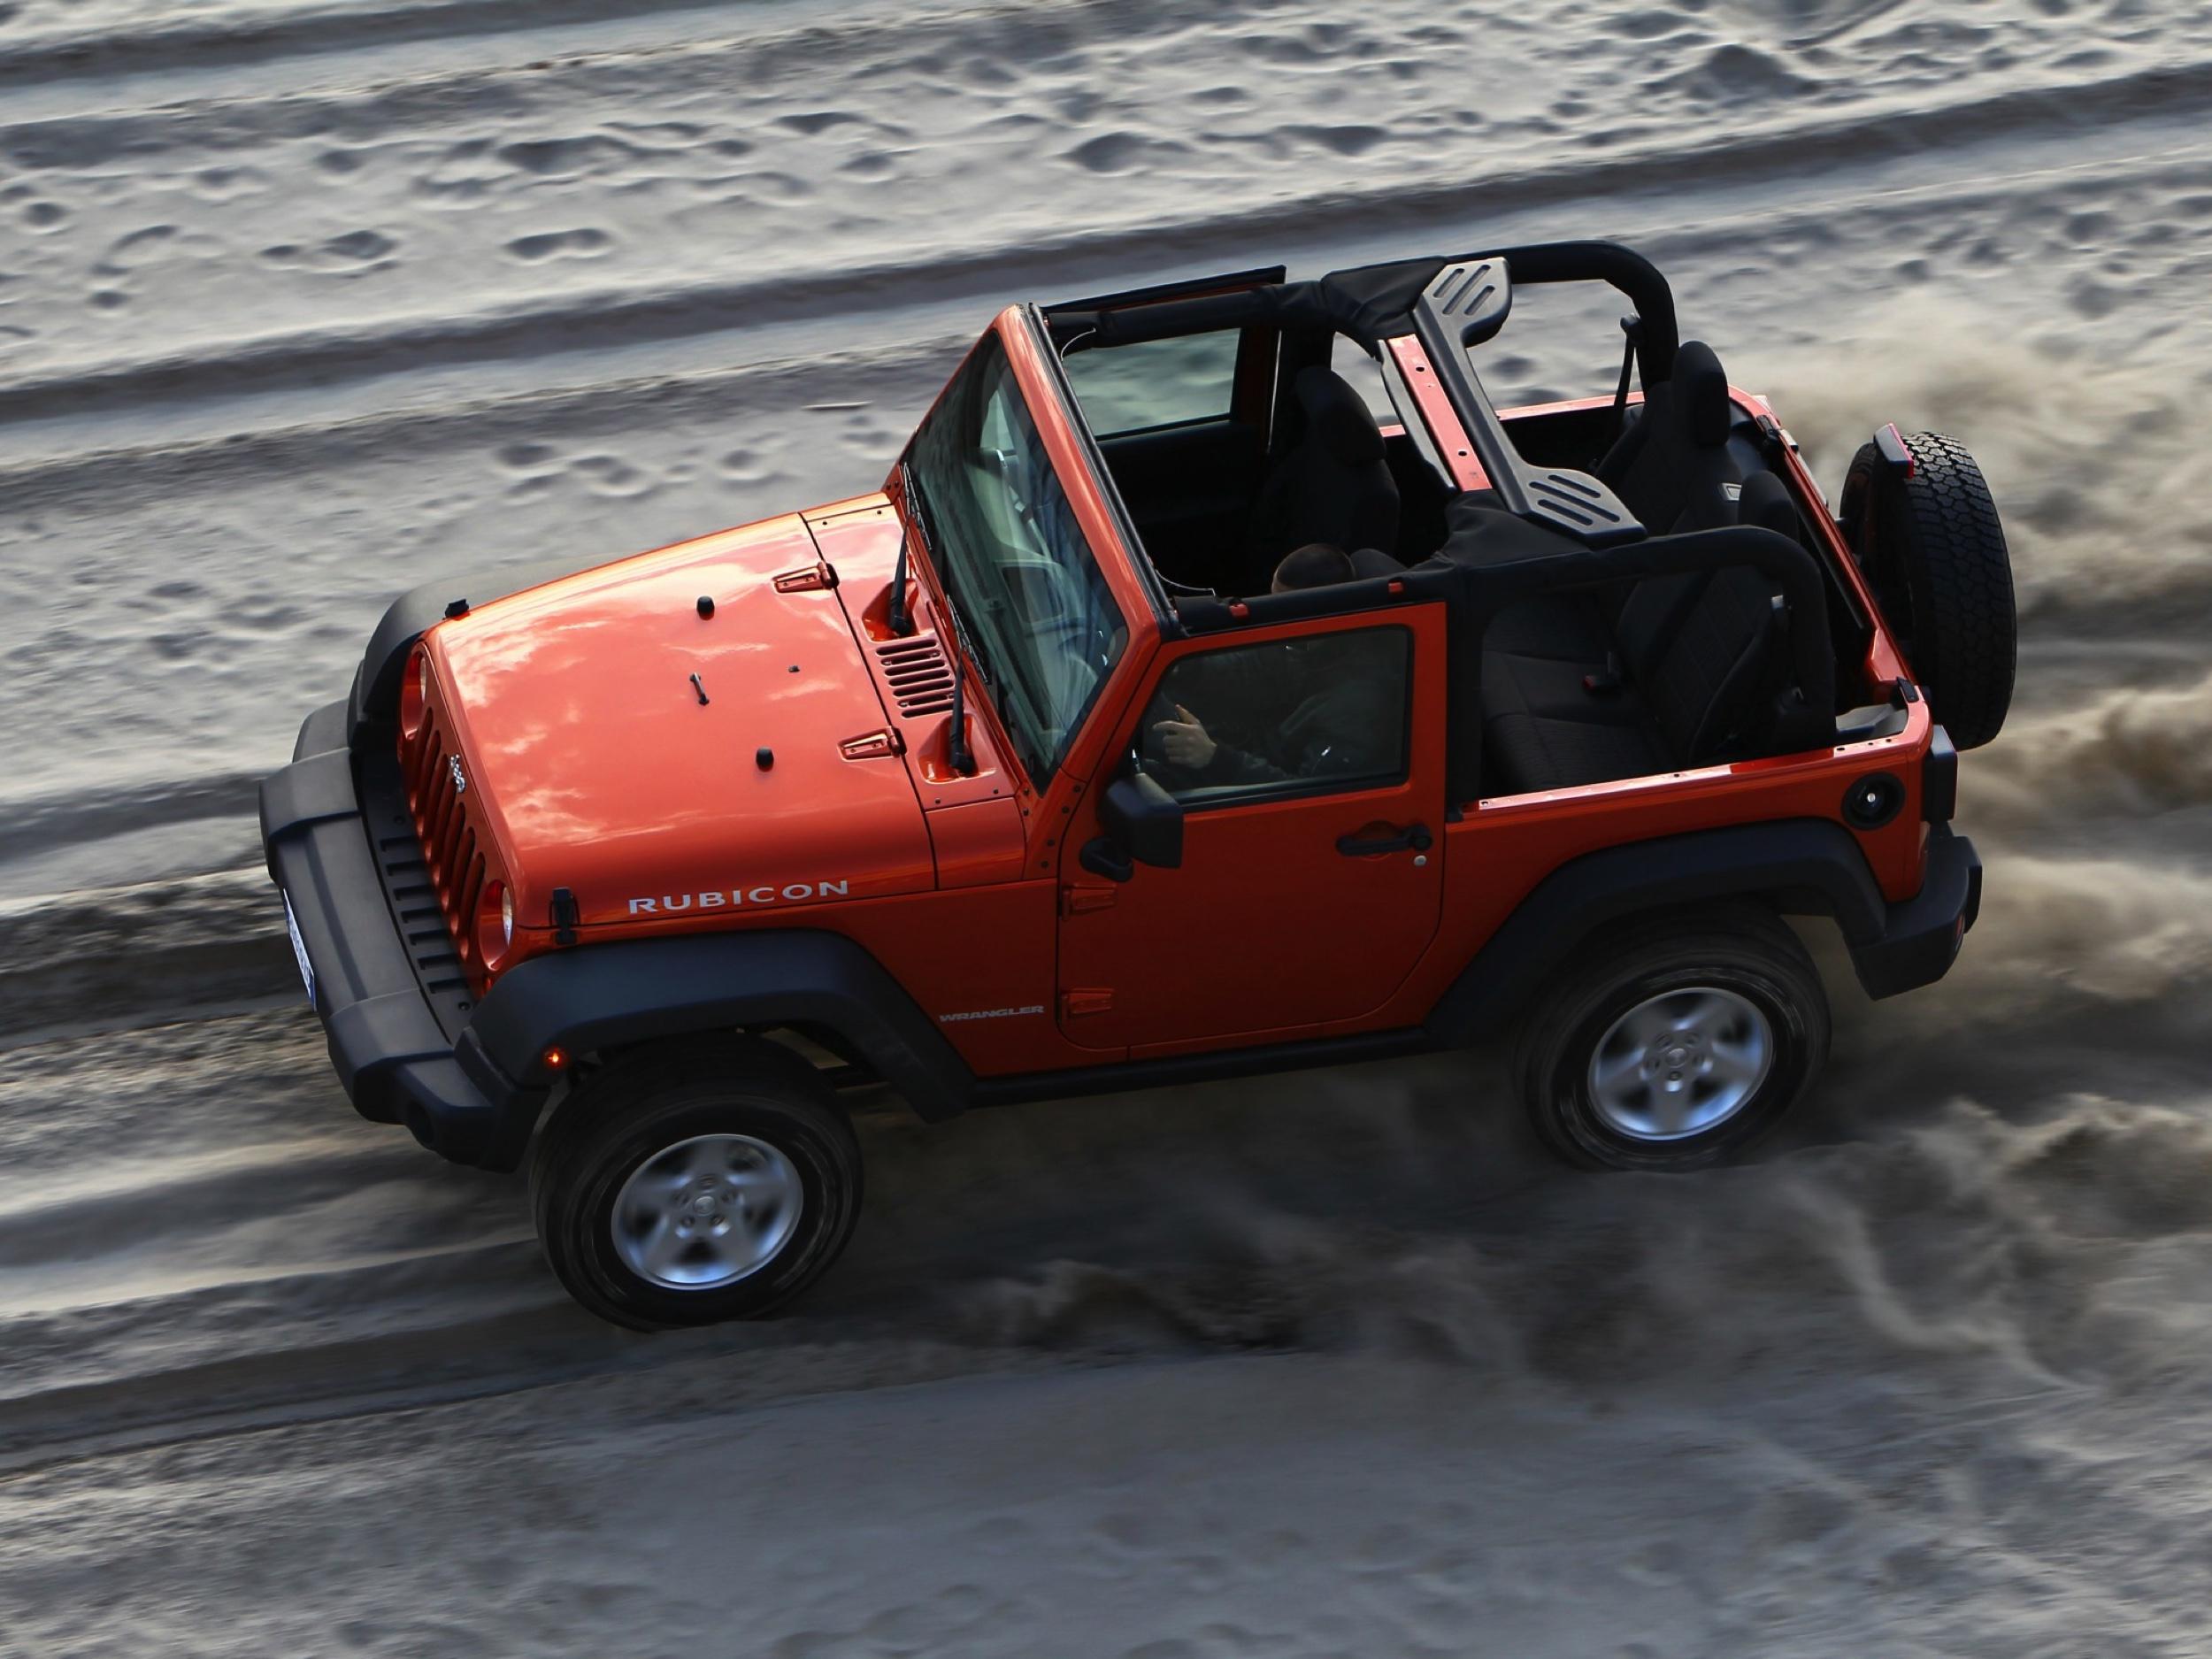 Jeep Wrangler 2016 -1- Autovisie.nl